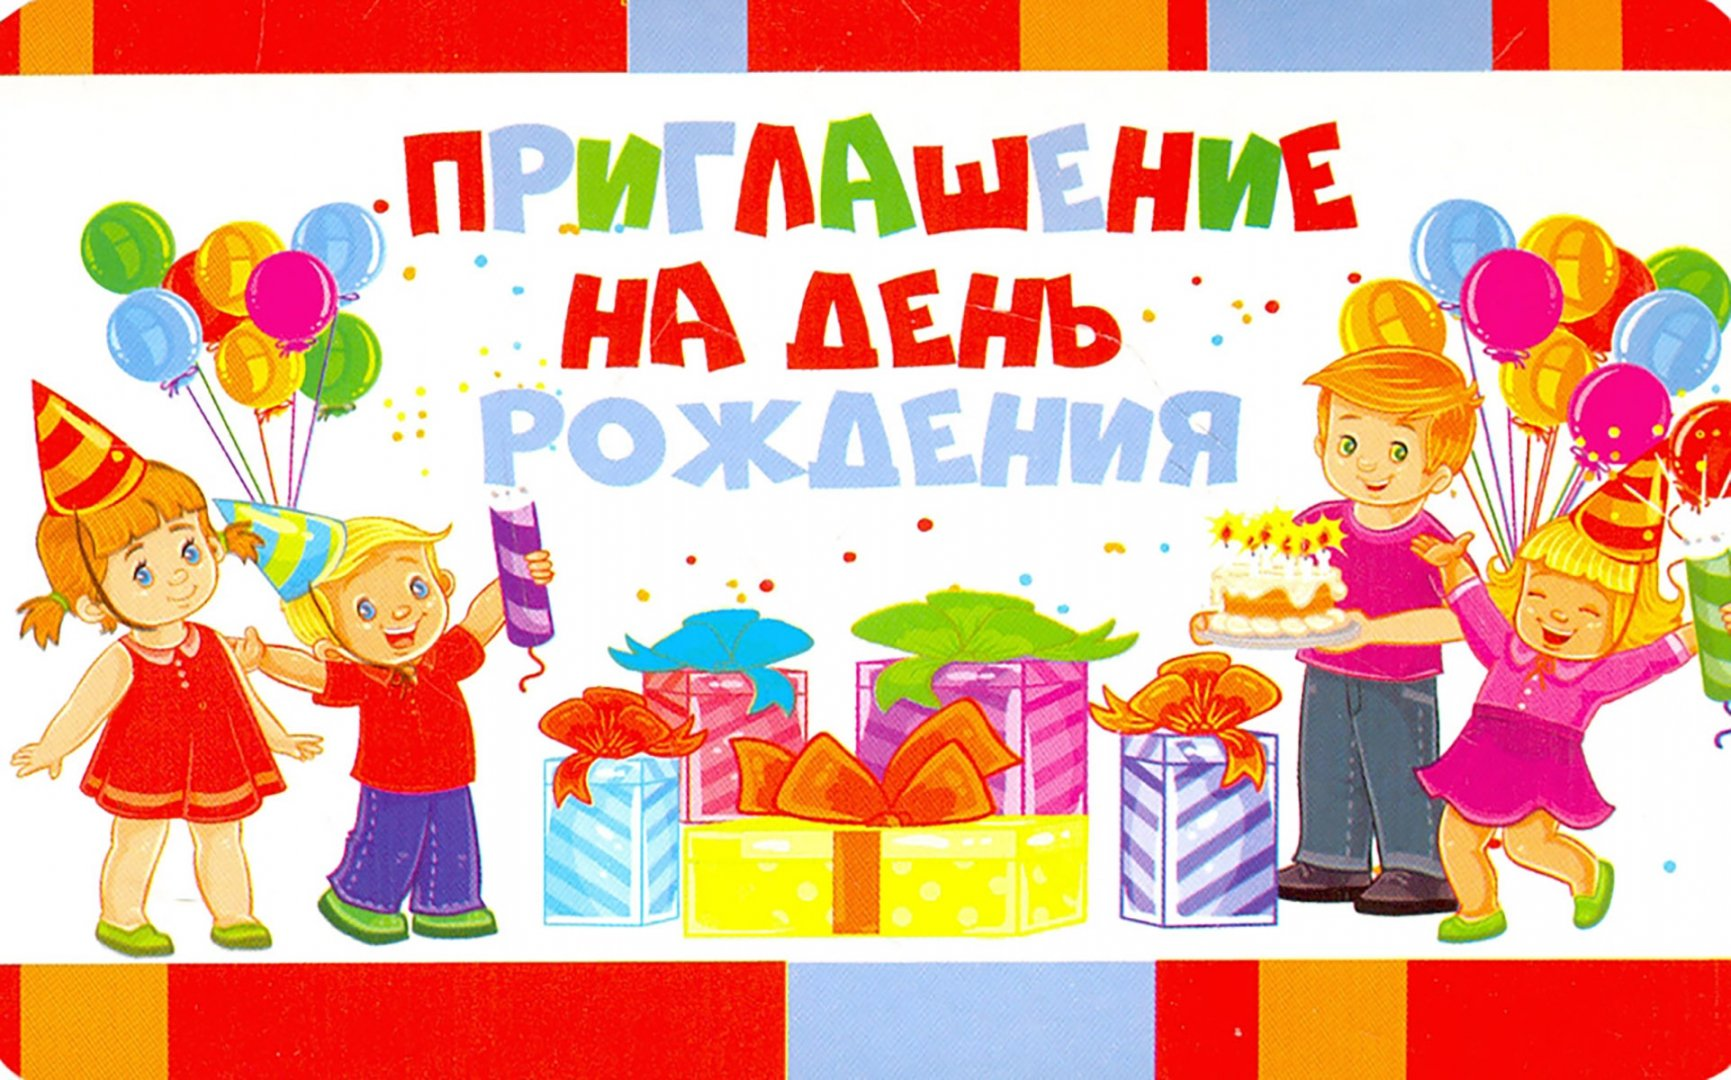 Пригласительная открытка на день рождения картинки